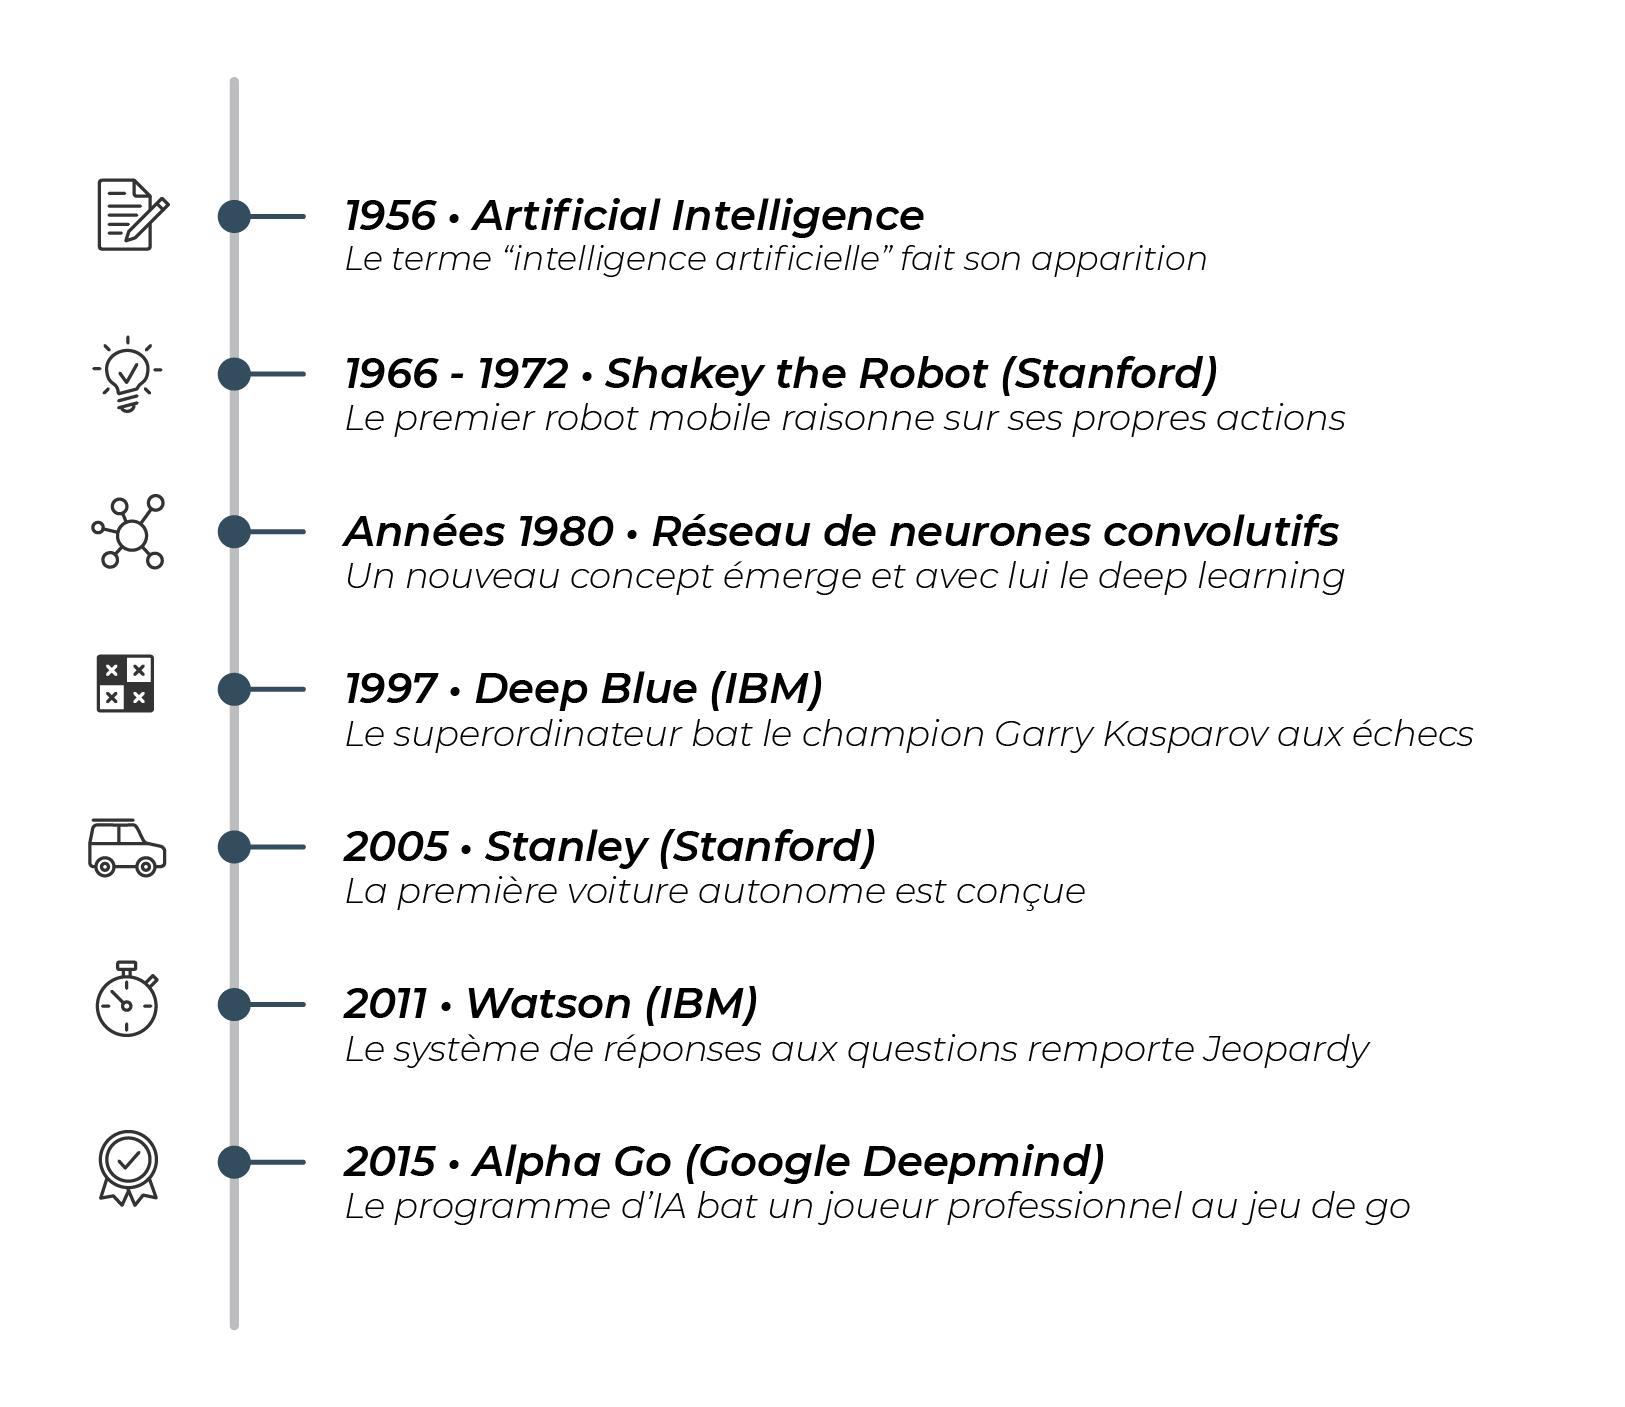 L'histoire de l'intelligence artificielle : 1956 le terme est créé, 1966 à 1972 le premier robot mobile à Stanford, Shakey the robot, raisonne sur ses propres actions. Dans les années 1980, les concepts de réseau de neurones convolutifs et de deep l